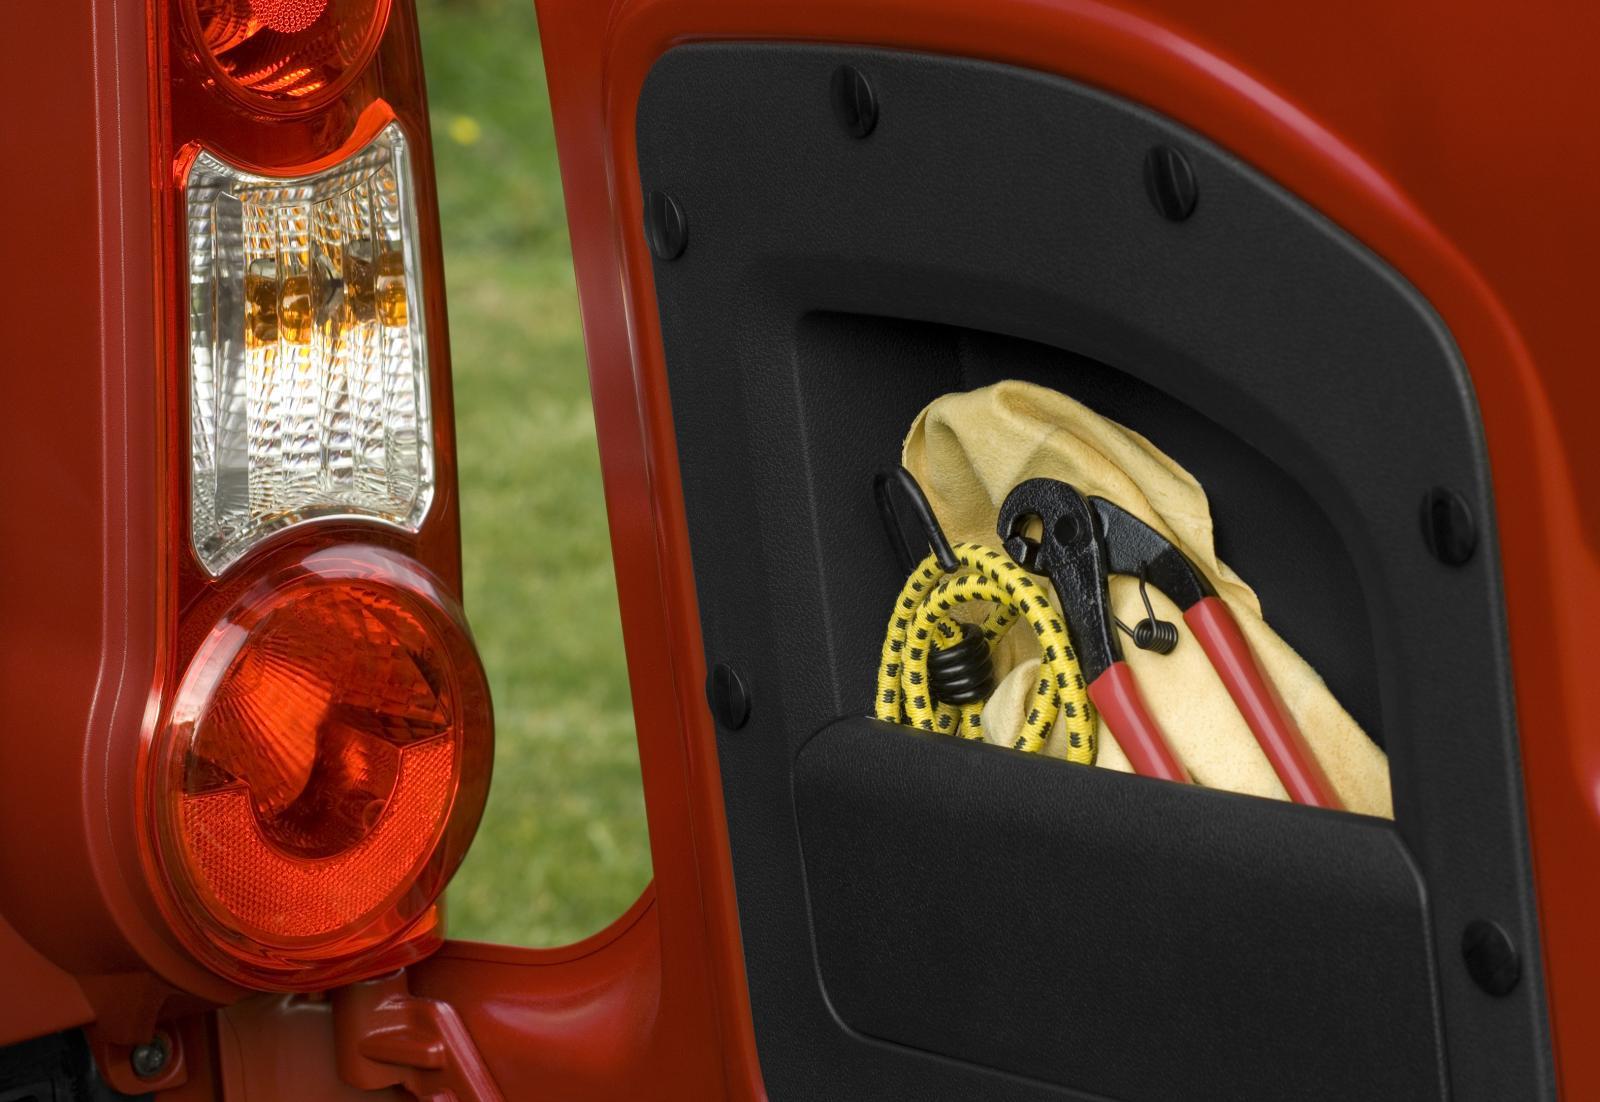 Berlingo 2008 rangement portière arrière